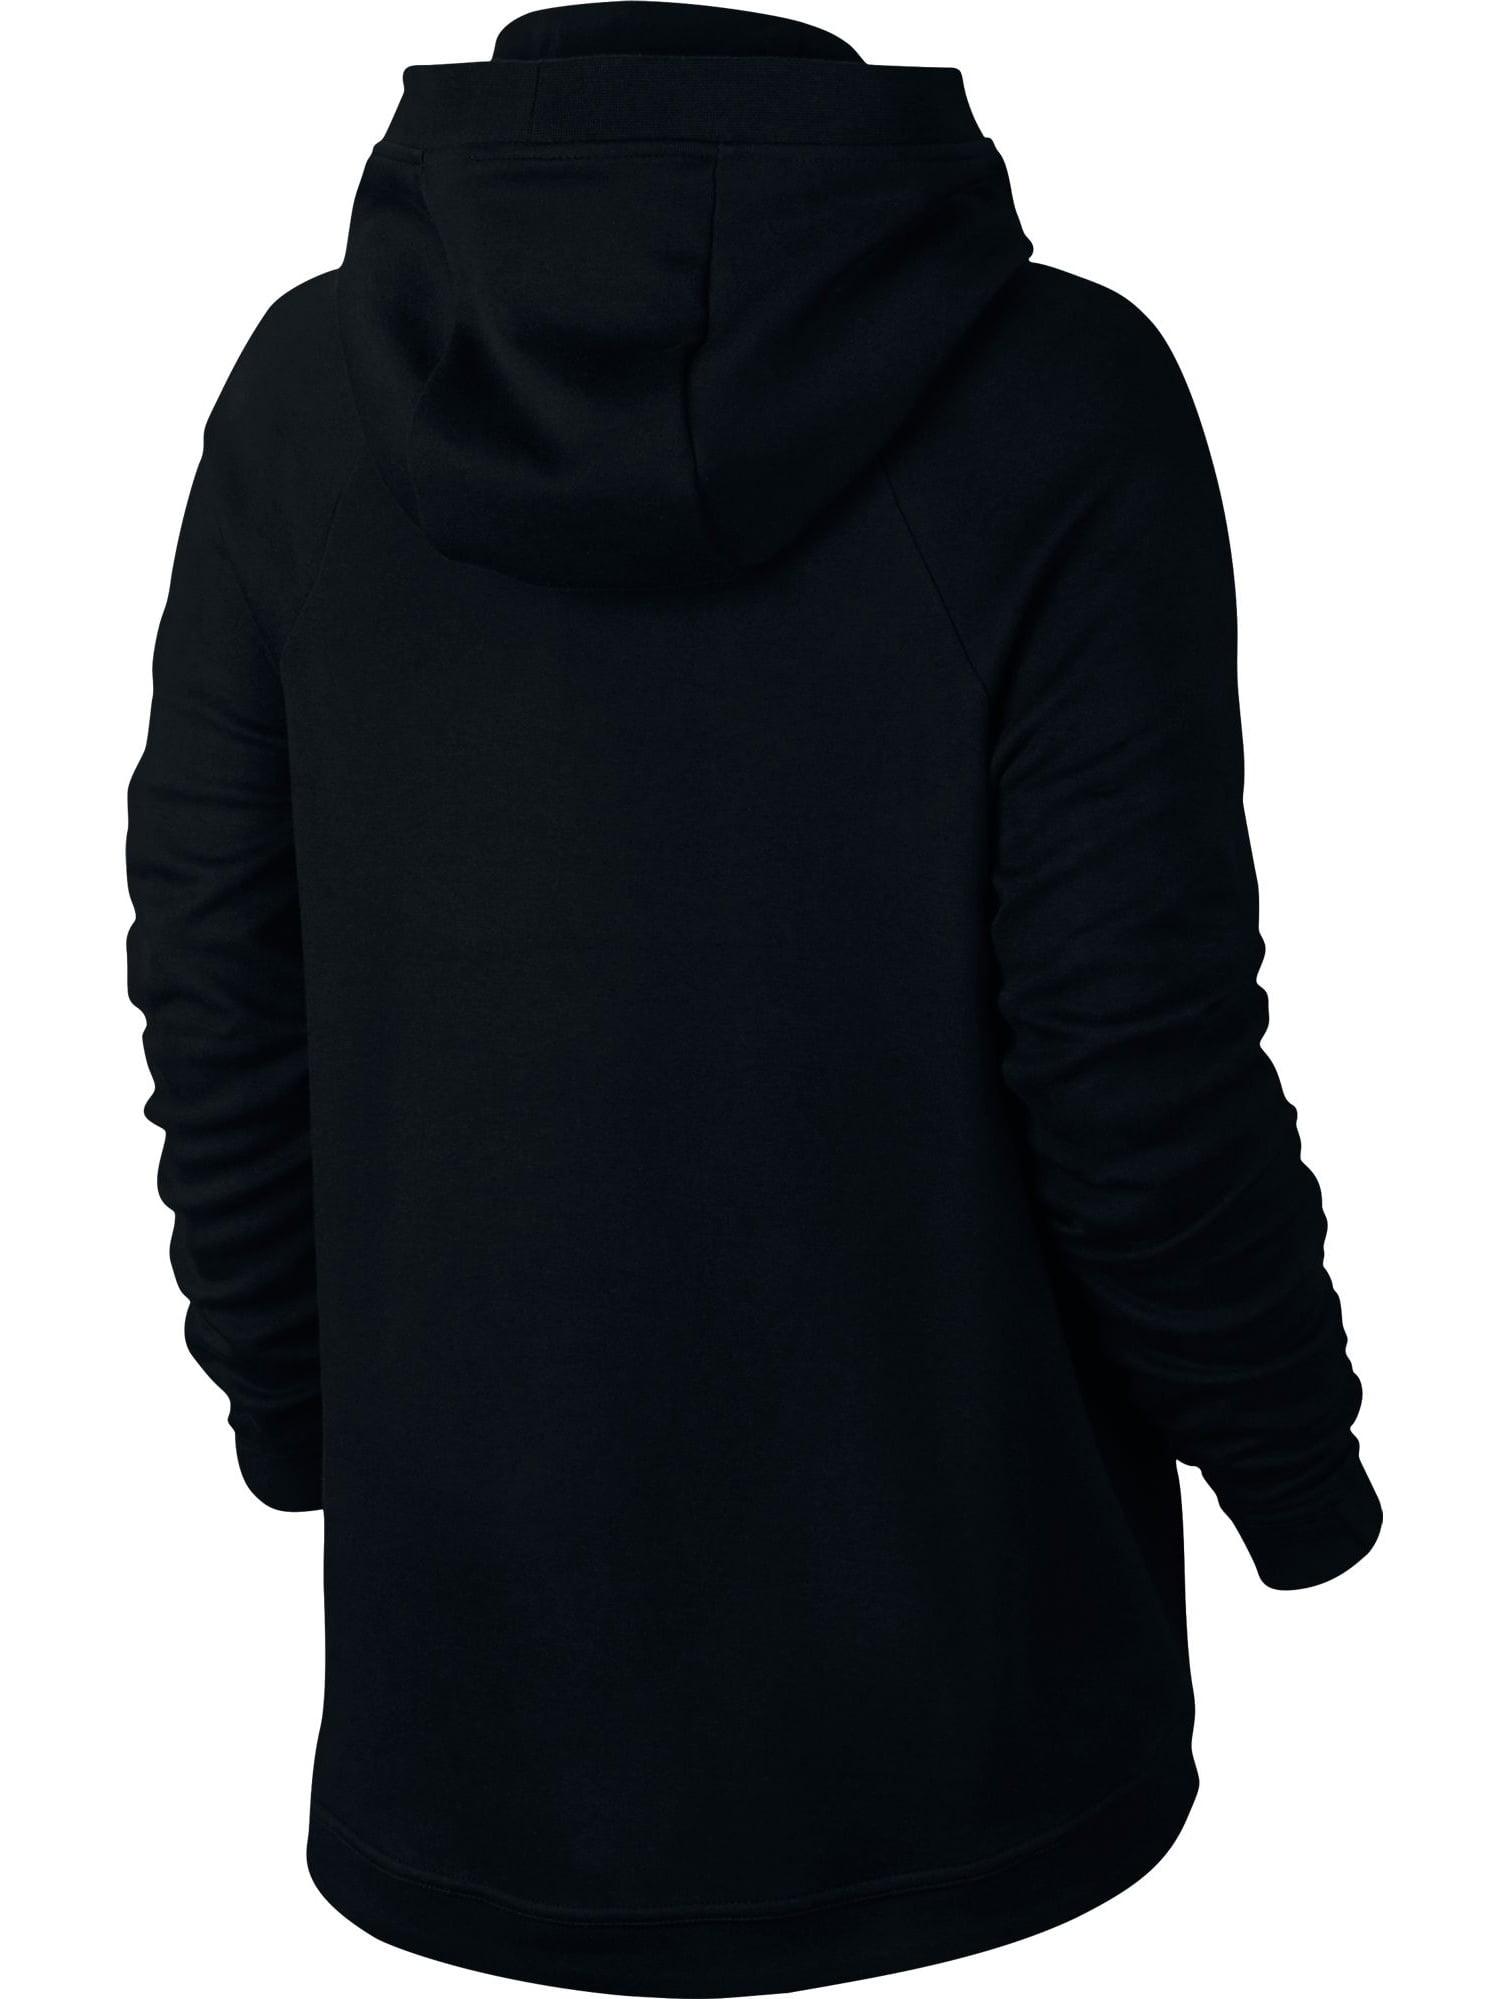 91159d4fbe20 Nike Sportswear Tech Fleece Women s Longsleeve Pullover Hoodie Black ...